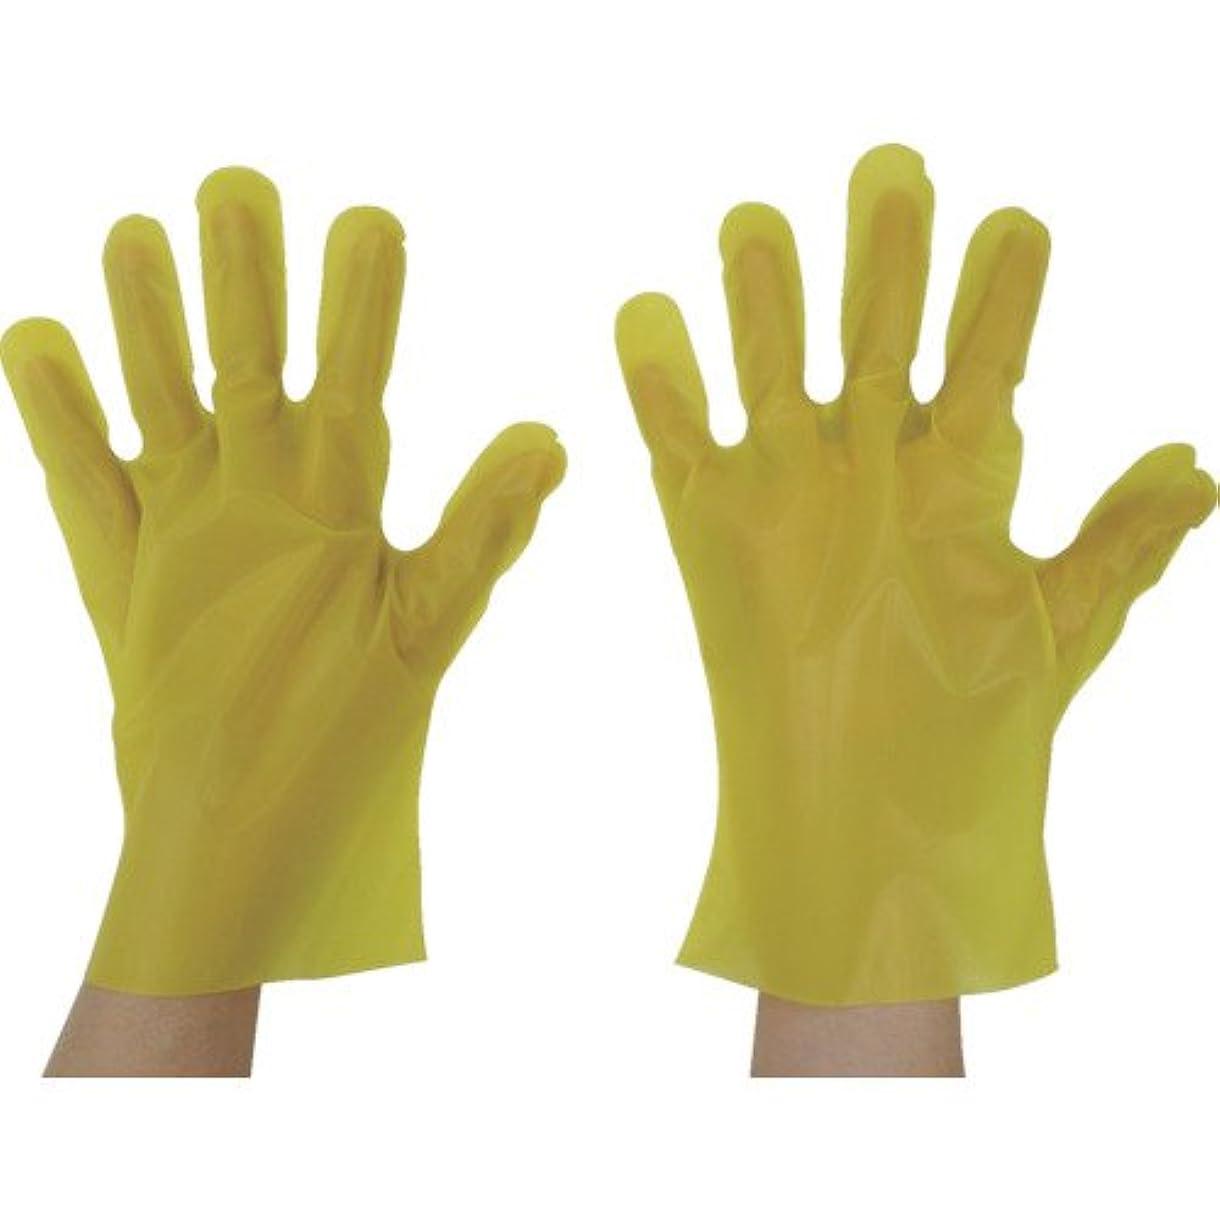 増強する去る驚いた東京パック エンボス手袋五本絞りエコノミー化粧箱S イエロー(入数:200枚) YEK-S